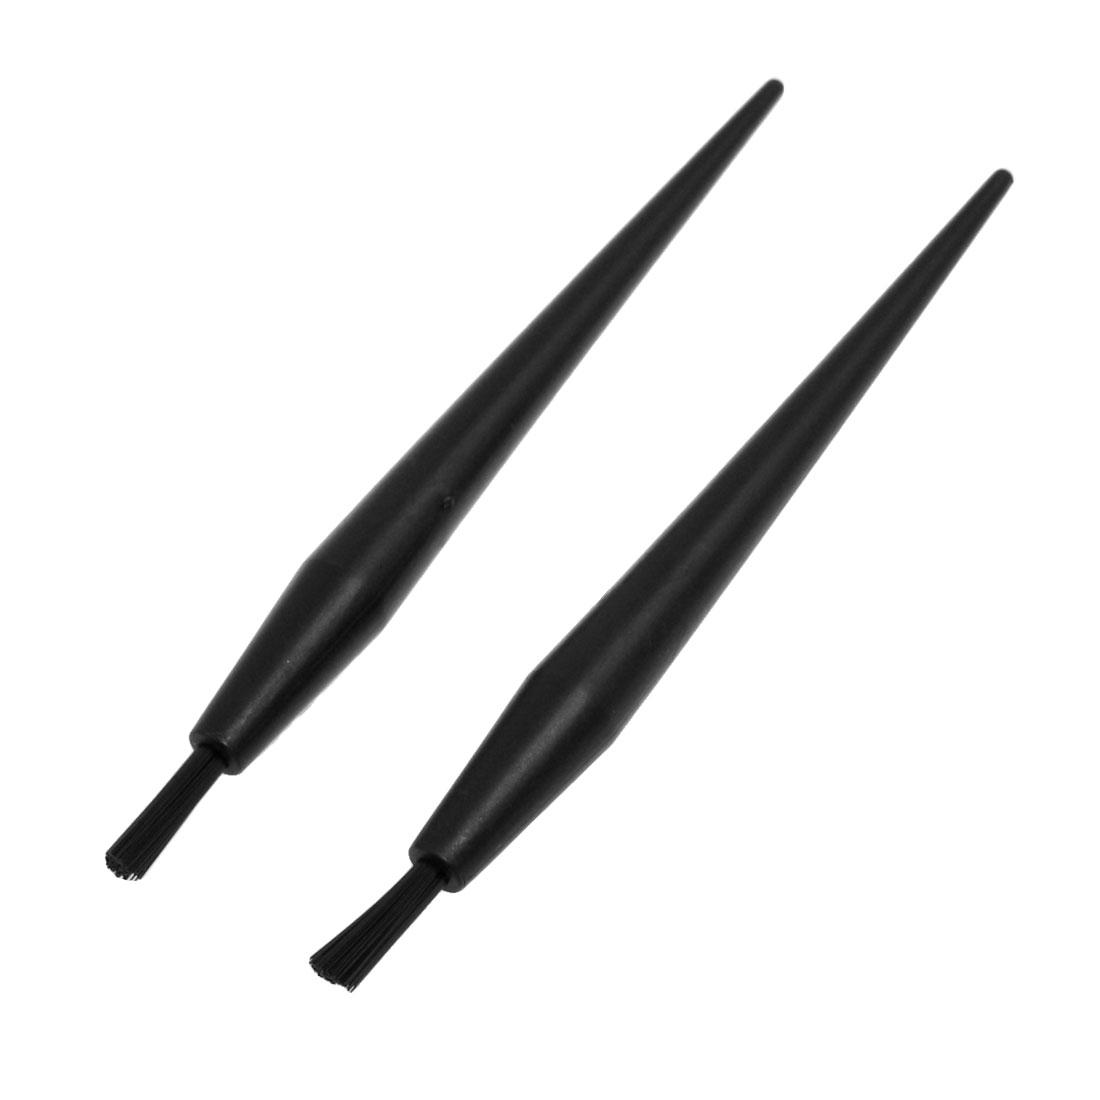 2 Pcs Black Plastic Handle Pen Shaped Anti Static Conductive ESD Brush